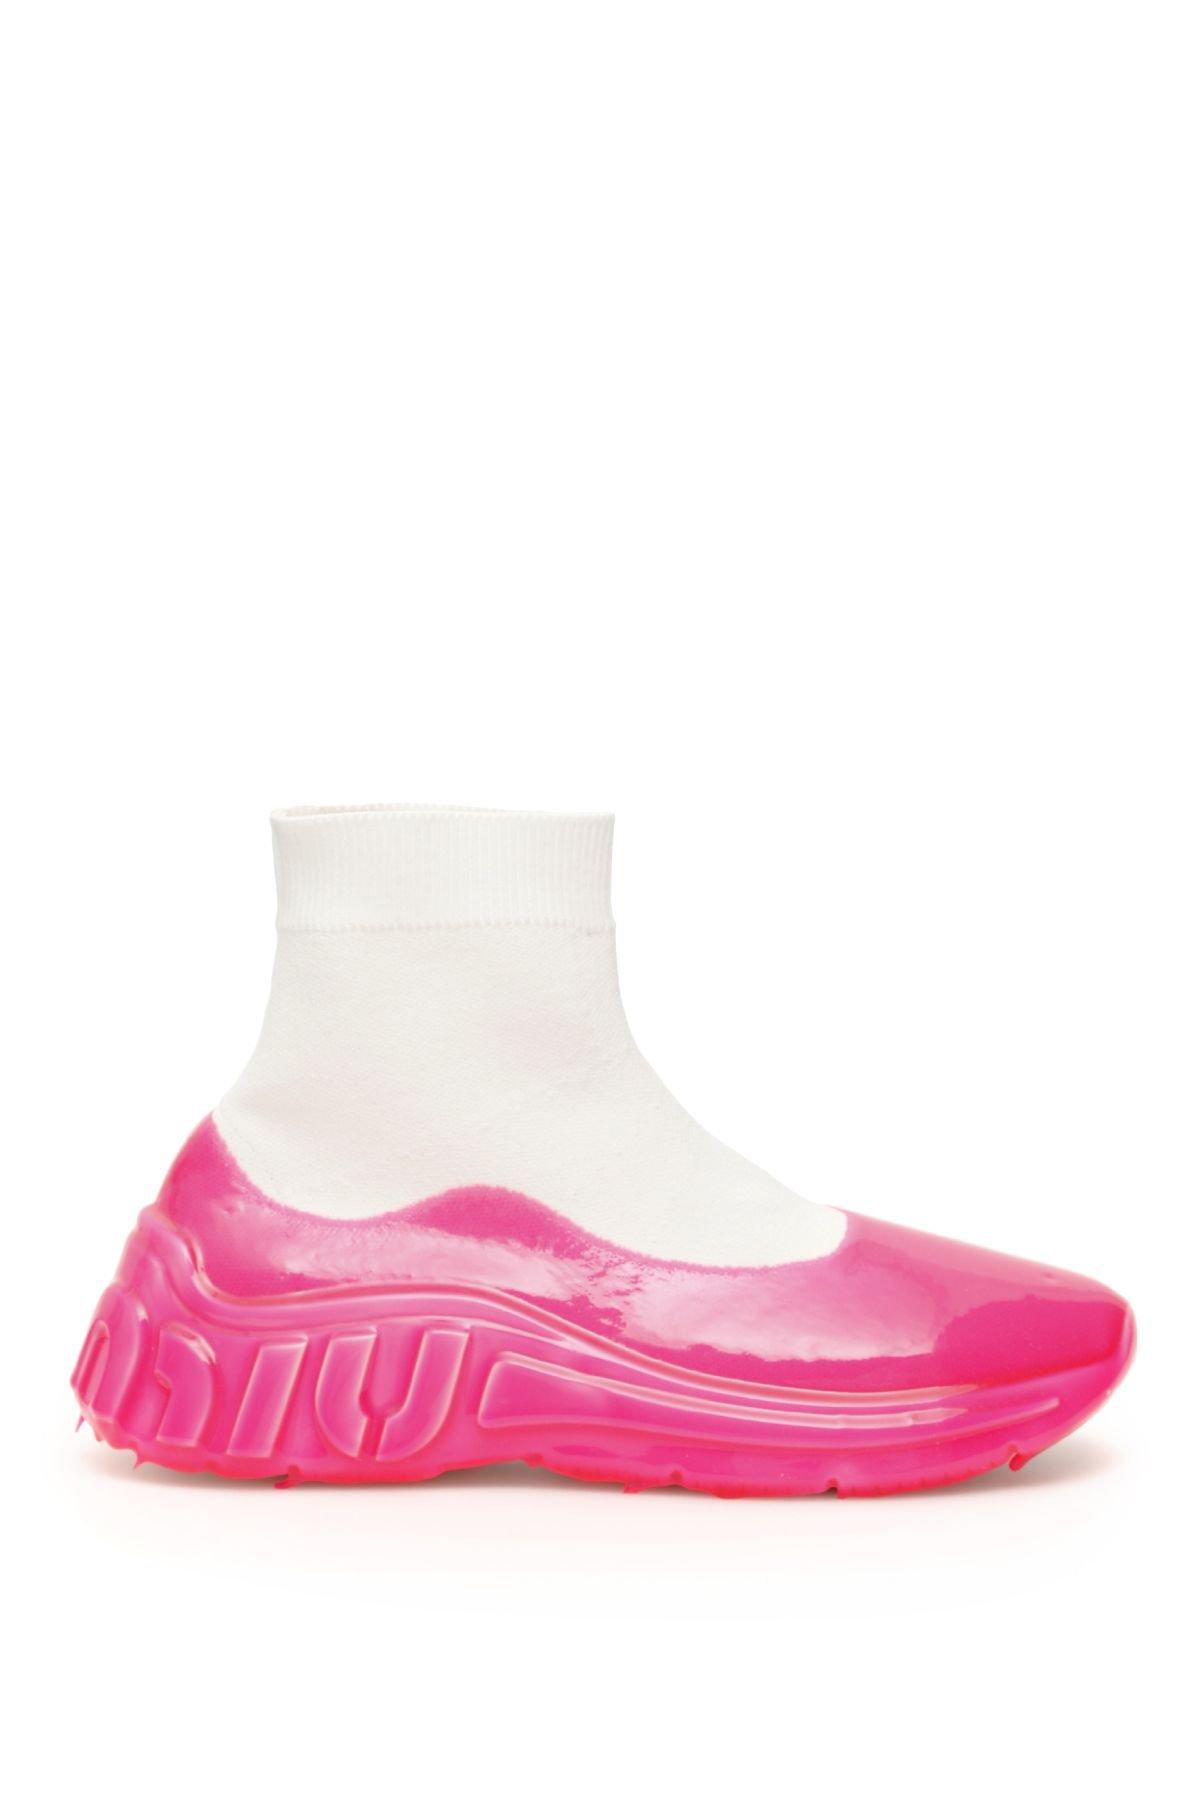 Miu Miu Miu Run Sneakers